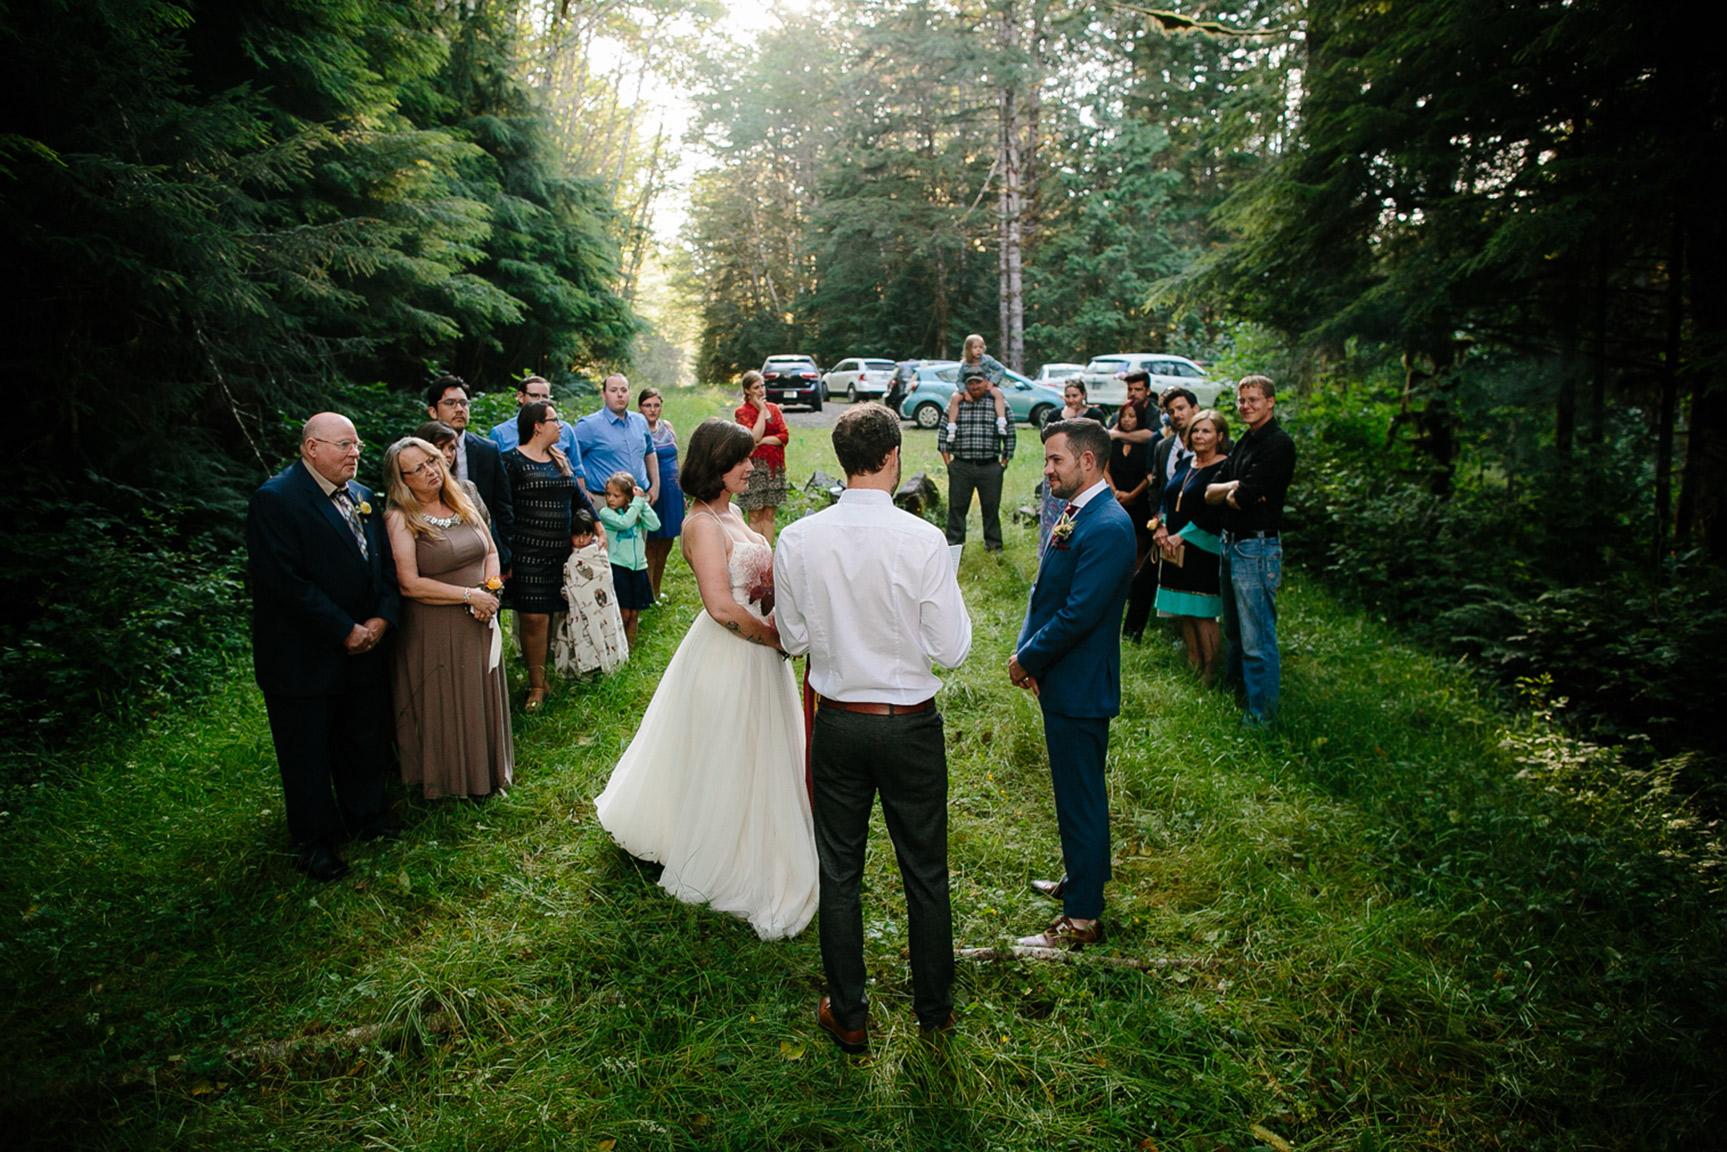 Washington_WeddingPhotographer_031.jpg